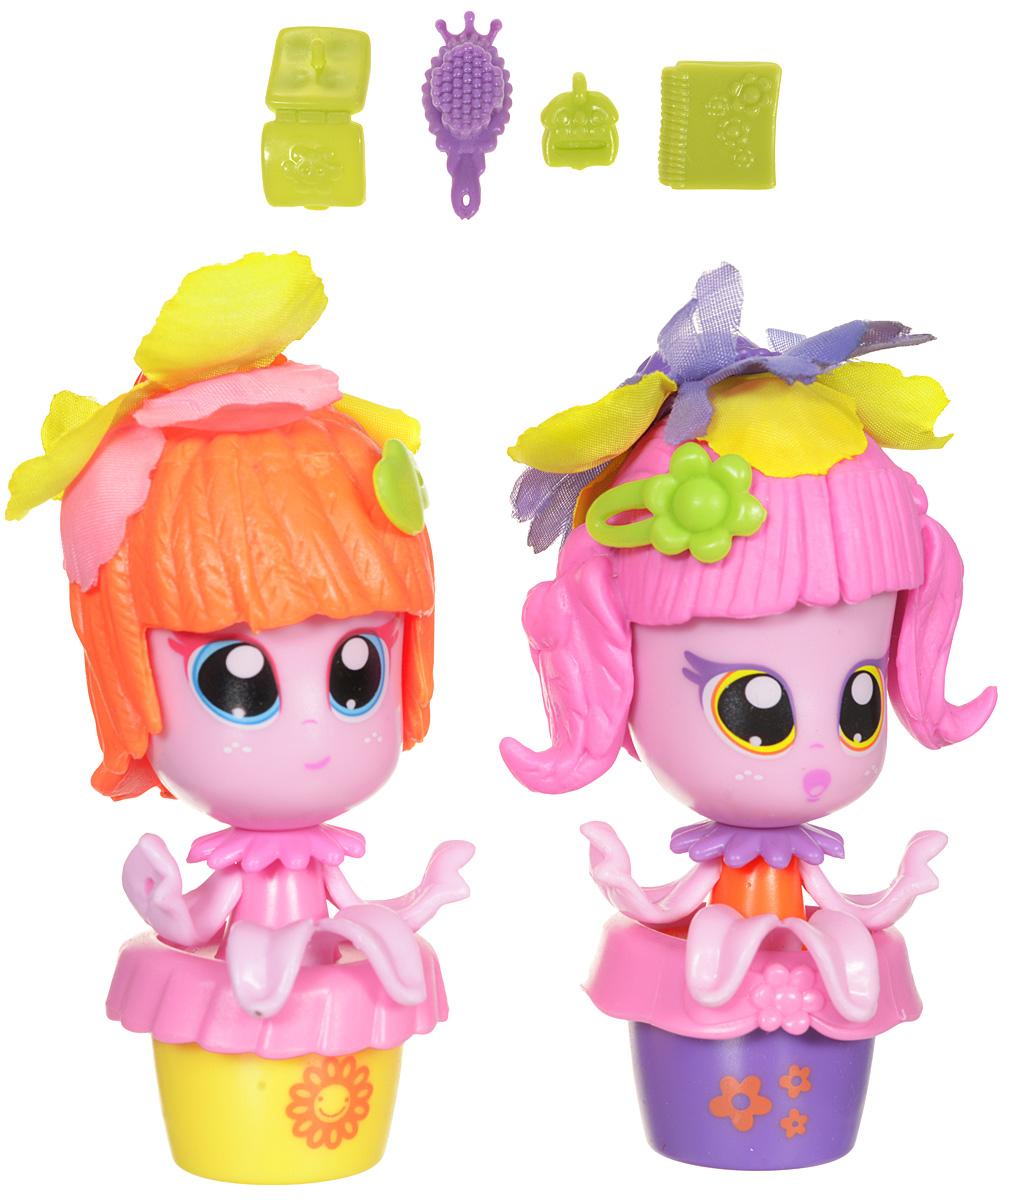 Daisy Игровой набор с мини-куклами Цветочек цвет розовый оранжевый 2 шт29510_розовый/оранжевыйМини-куклы Daisy Цветочки - это разноцветные разборные игрушки, которые могут меняться между собой прическами, цветочными шляпками и аксессуарами. Игрушки выполнены в виде куколок в цветочном горшочке. У куколок огромные нарисованные глазки, ручки-лепестки и съемные прически. Прически куколок украшены съемными текстильными шляпками в виде цветочков. Дополняют модный образ кукол стильные аксессуары. Можно выбрать комплект кукол с аксессуарами, со сказочным питомцем, или даже c домом-лейкой и мини-мебелью (каждый продается отдельно). Куколки-цветочки можно наряжать, меняя их образы, брать с собой в дорогу или в гости! Соберите коллекцию и подружите куколок между собой! В комплекте две мини-куклы. Мини-куклы Daisy Цветочек ароматизированы.